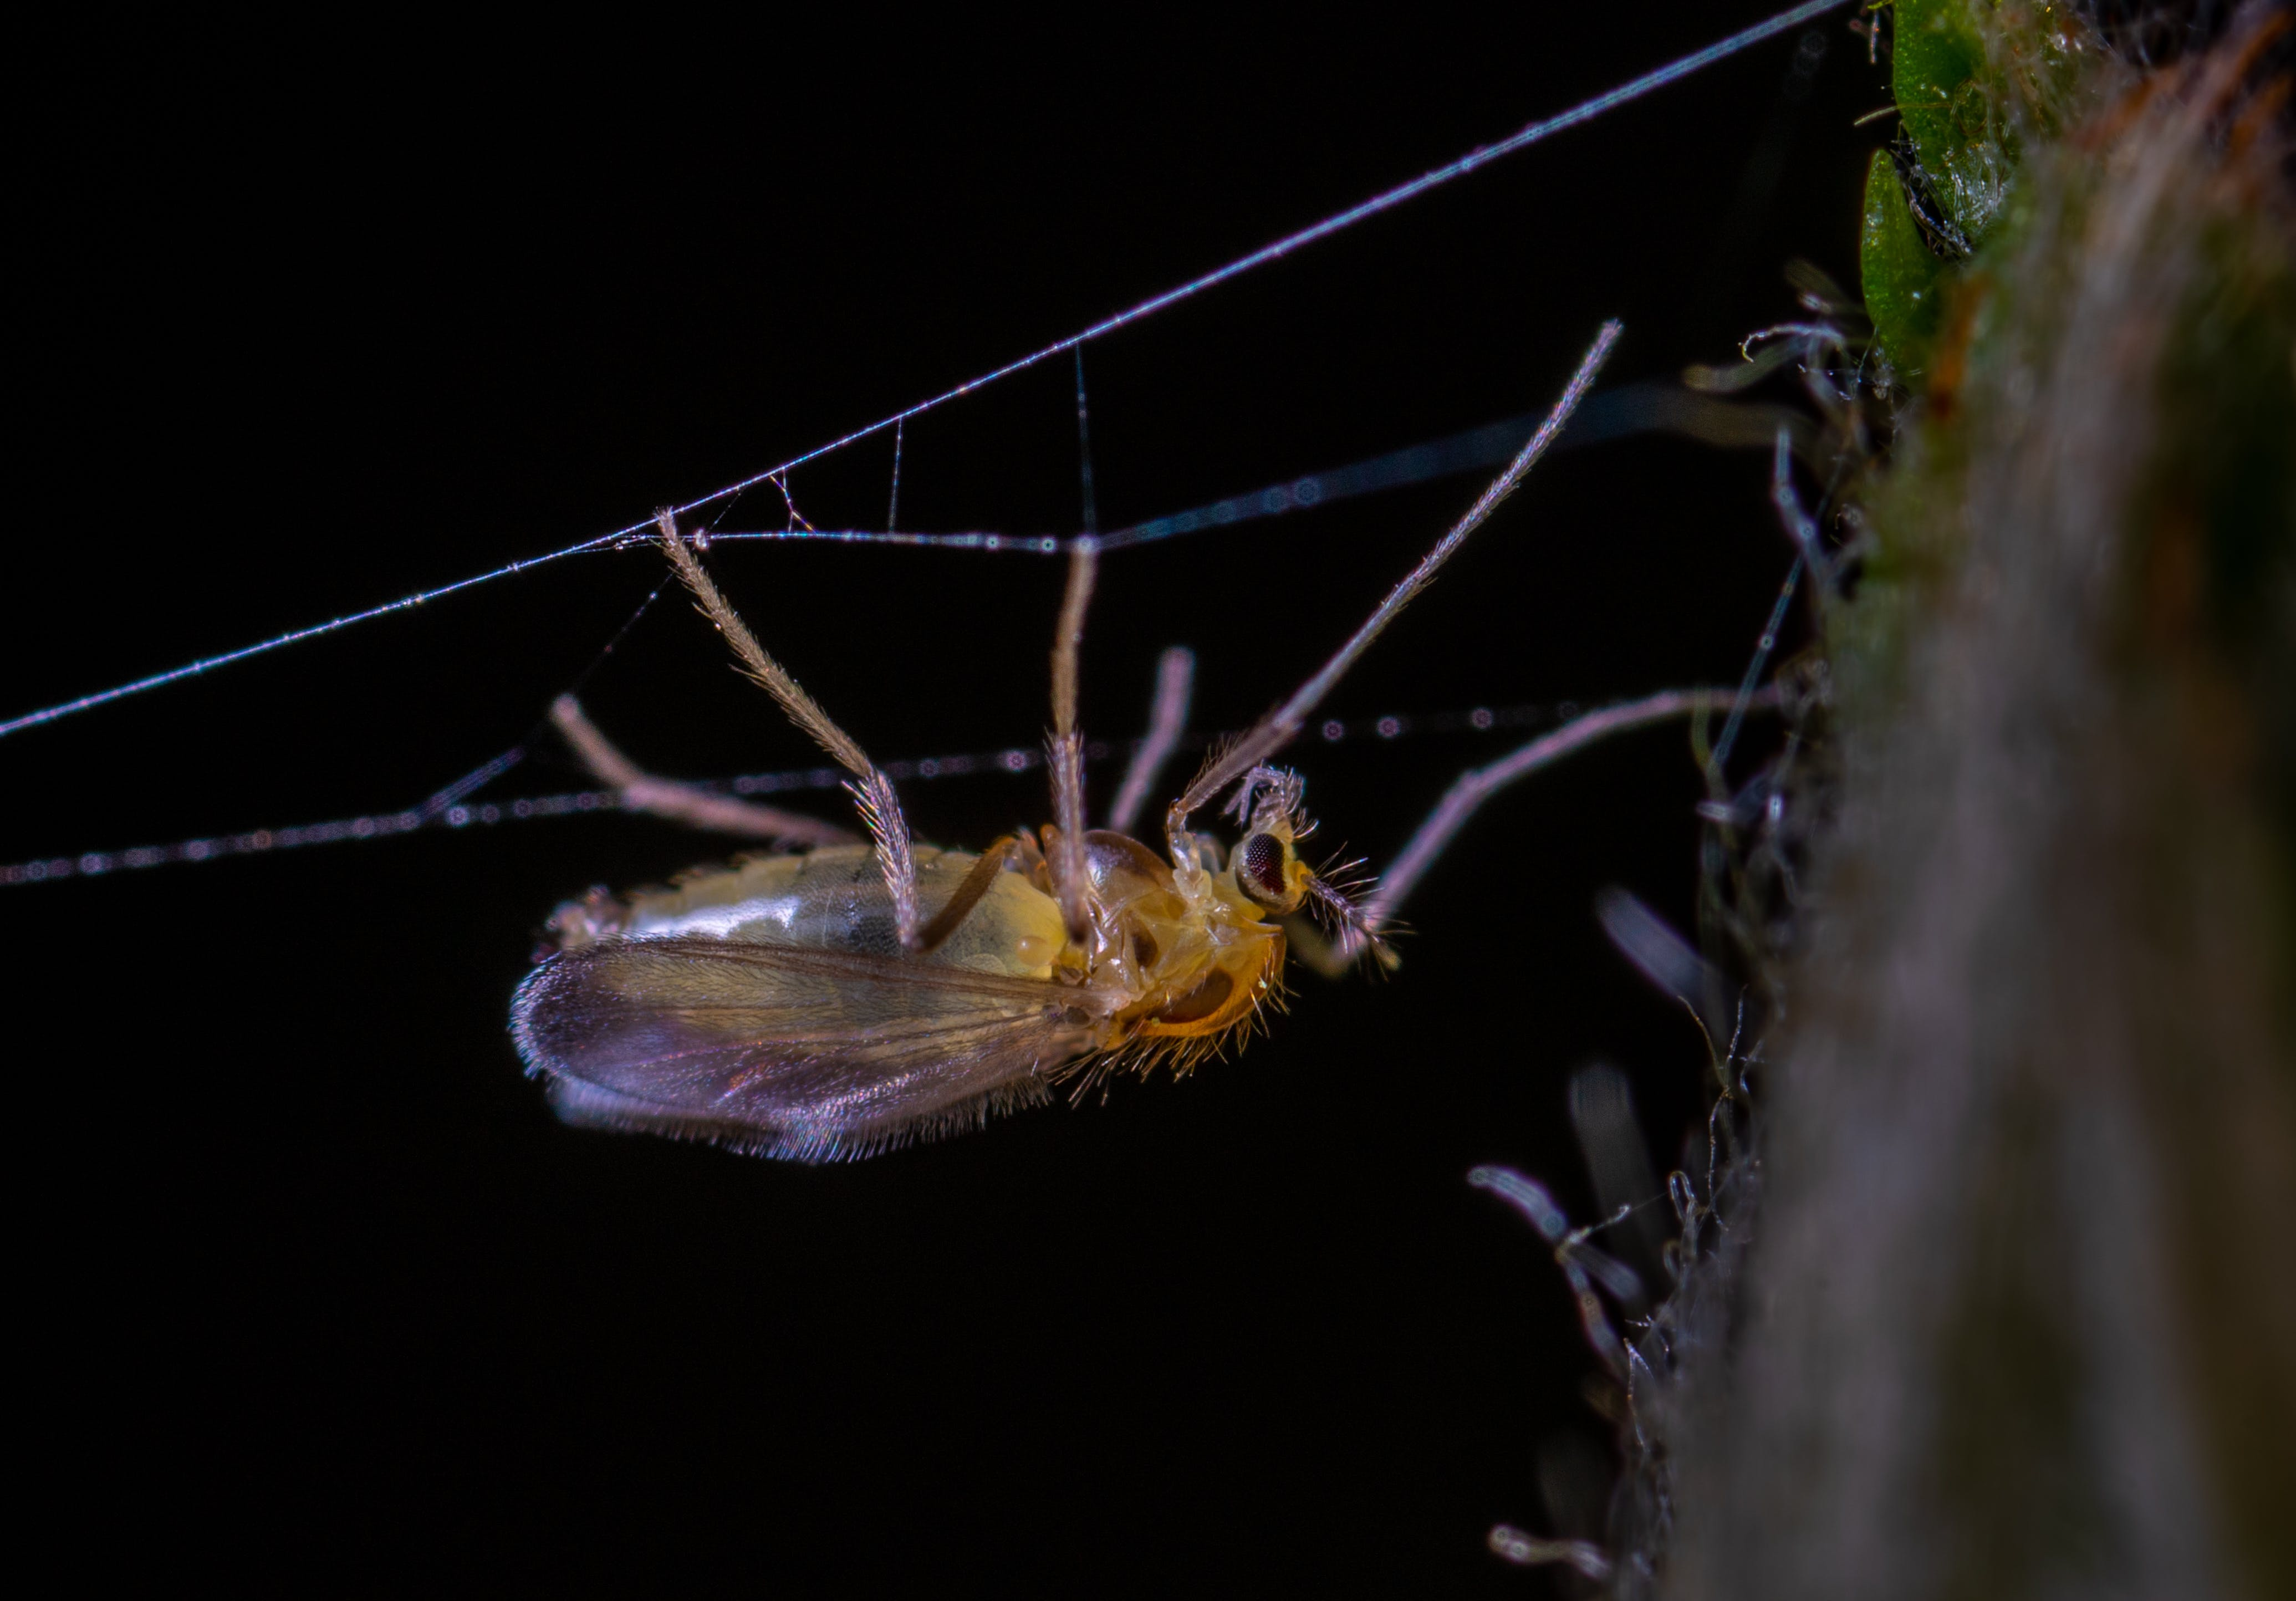 edderkop, hvirvelløse, insekt